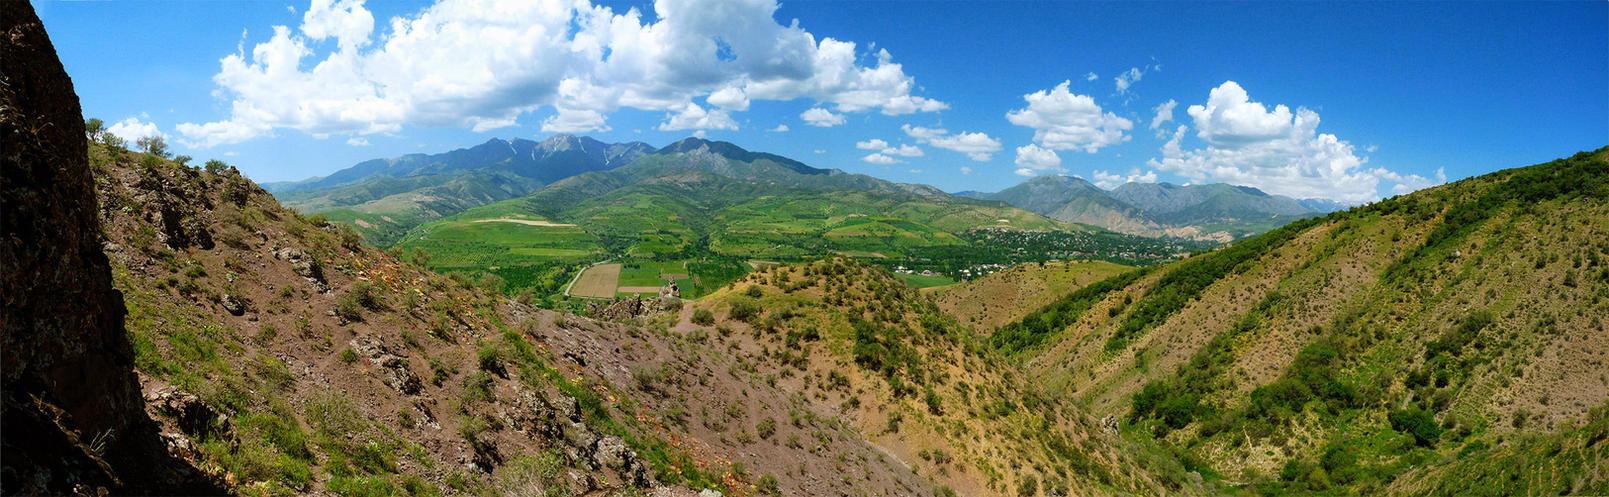 Khodjikent mountains by EldarZakirov